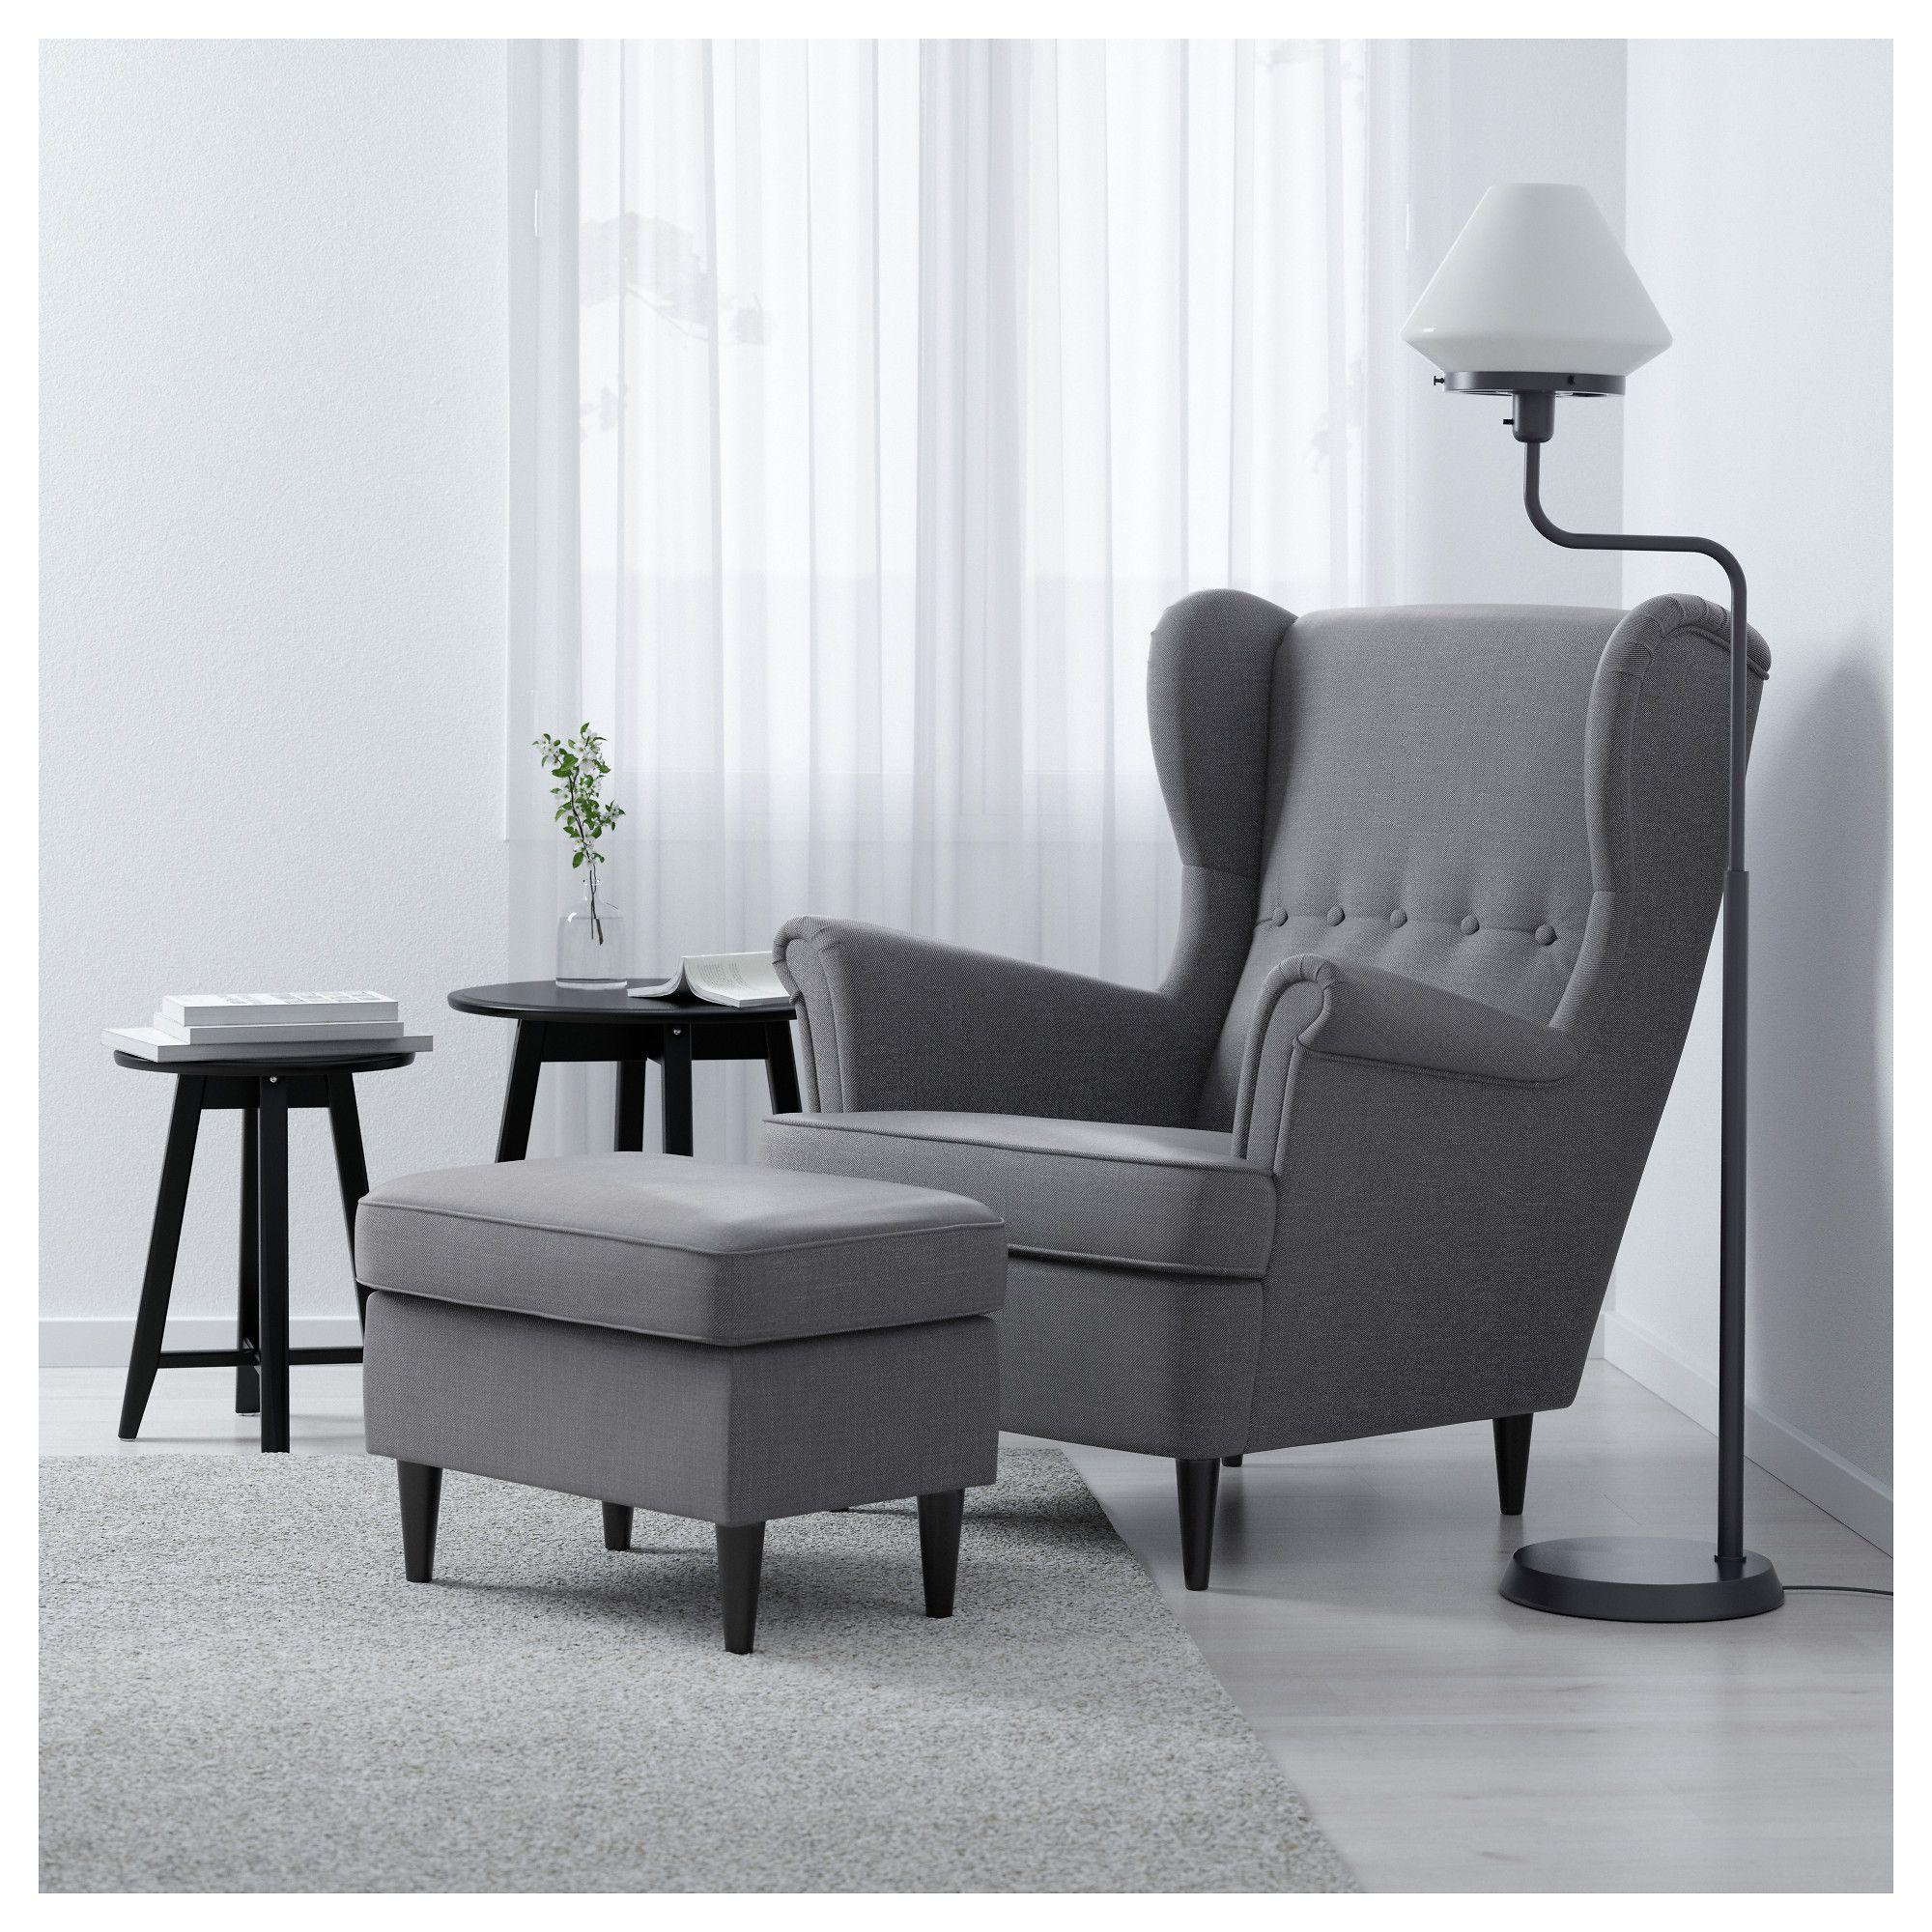 STRANDMON Footstool Nordvalla dark gray Ikea strandmon